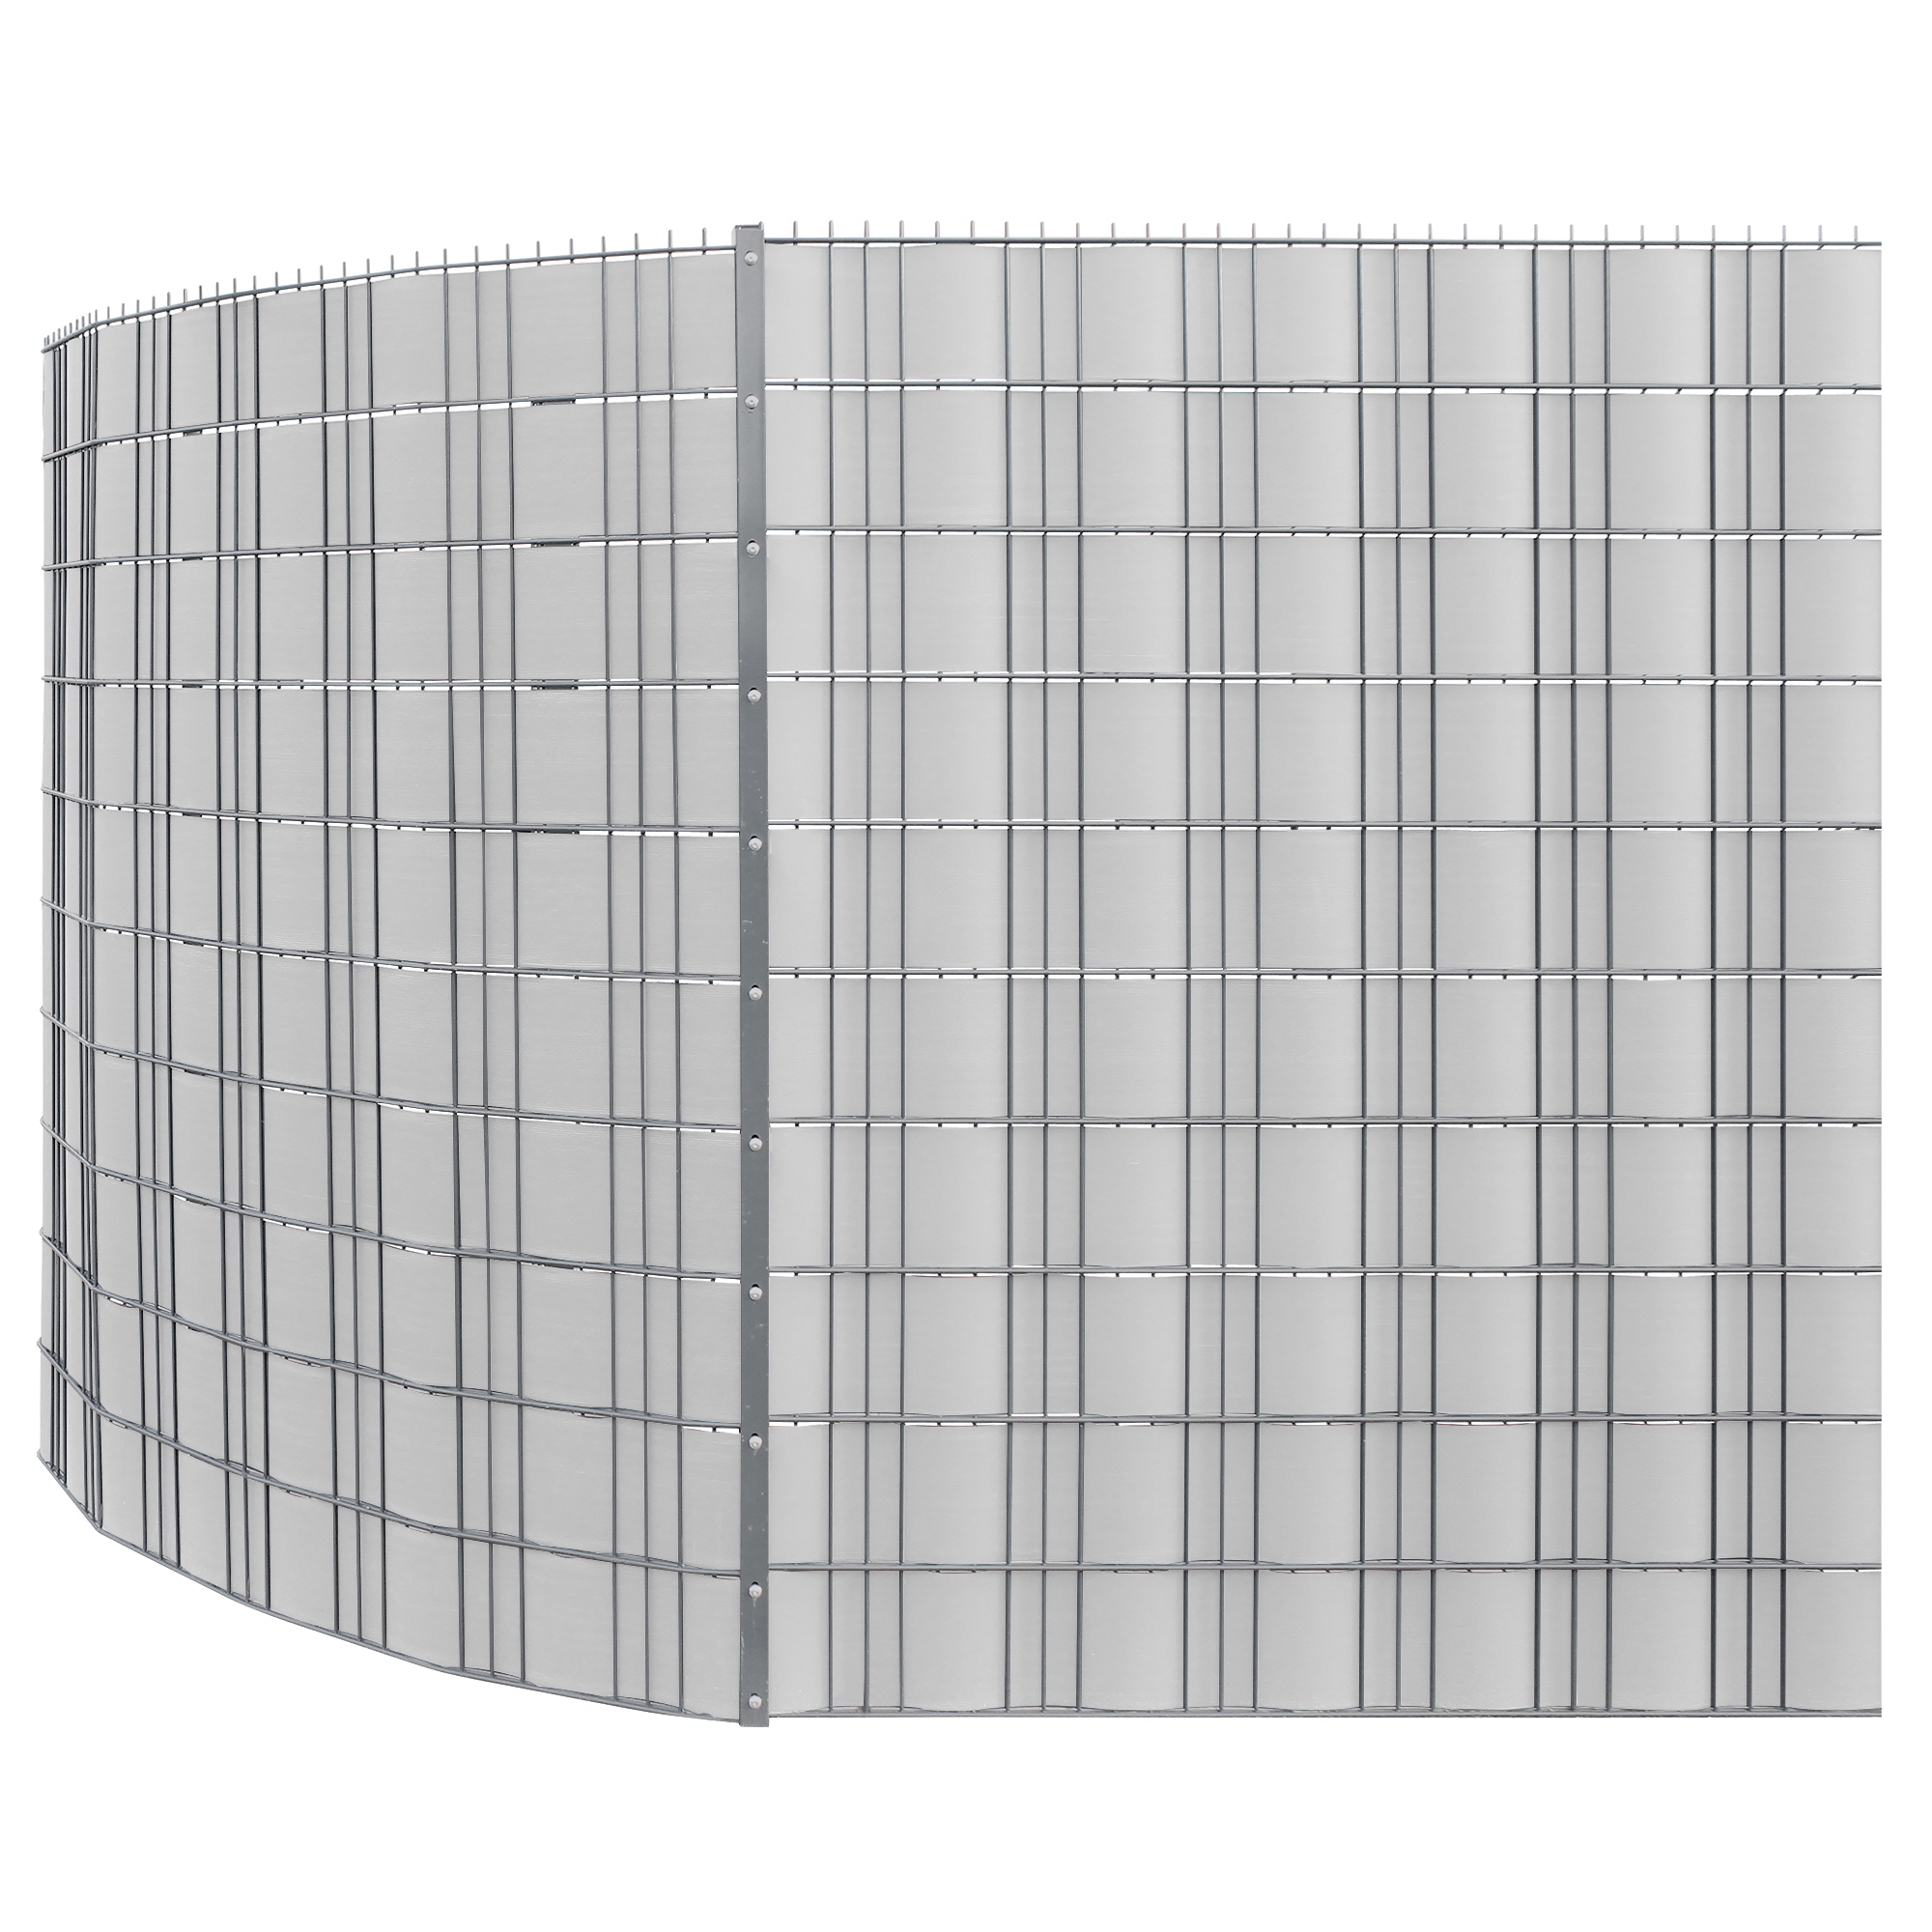 neu haus] 35m Sichtschutz Zaunfolie PVC Windschutz